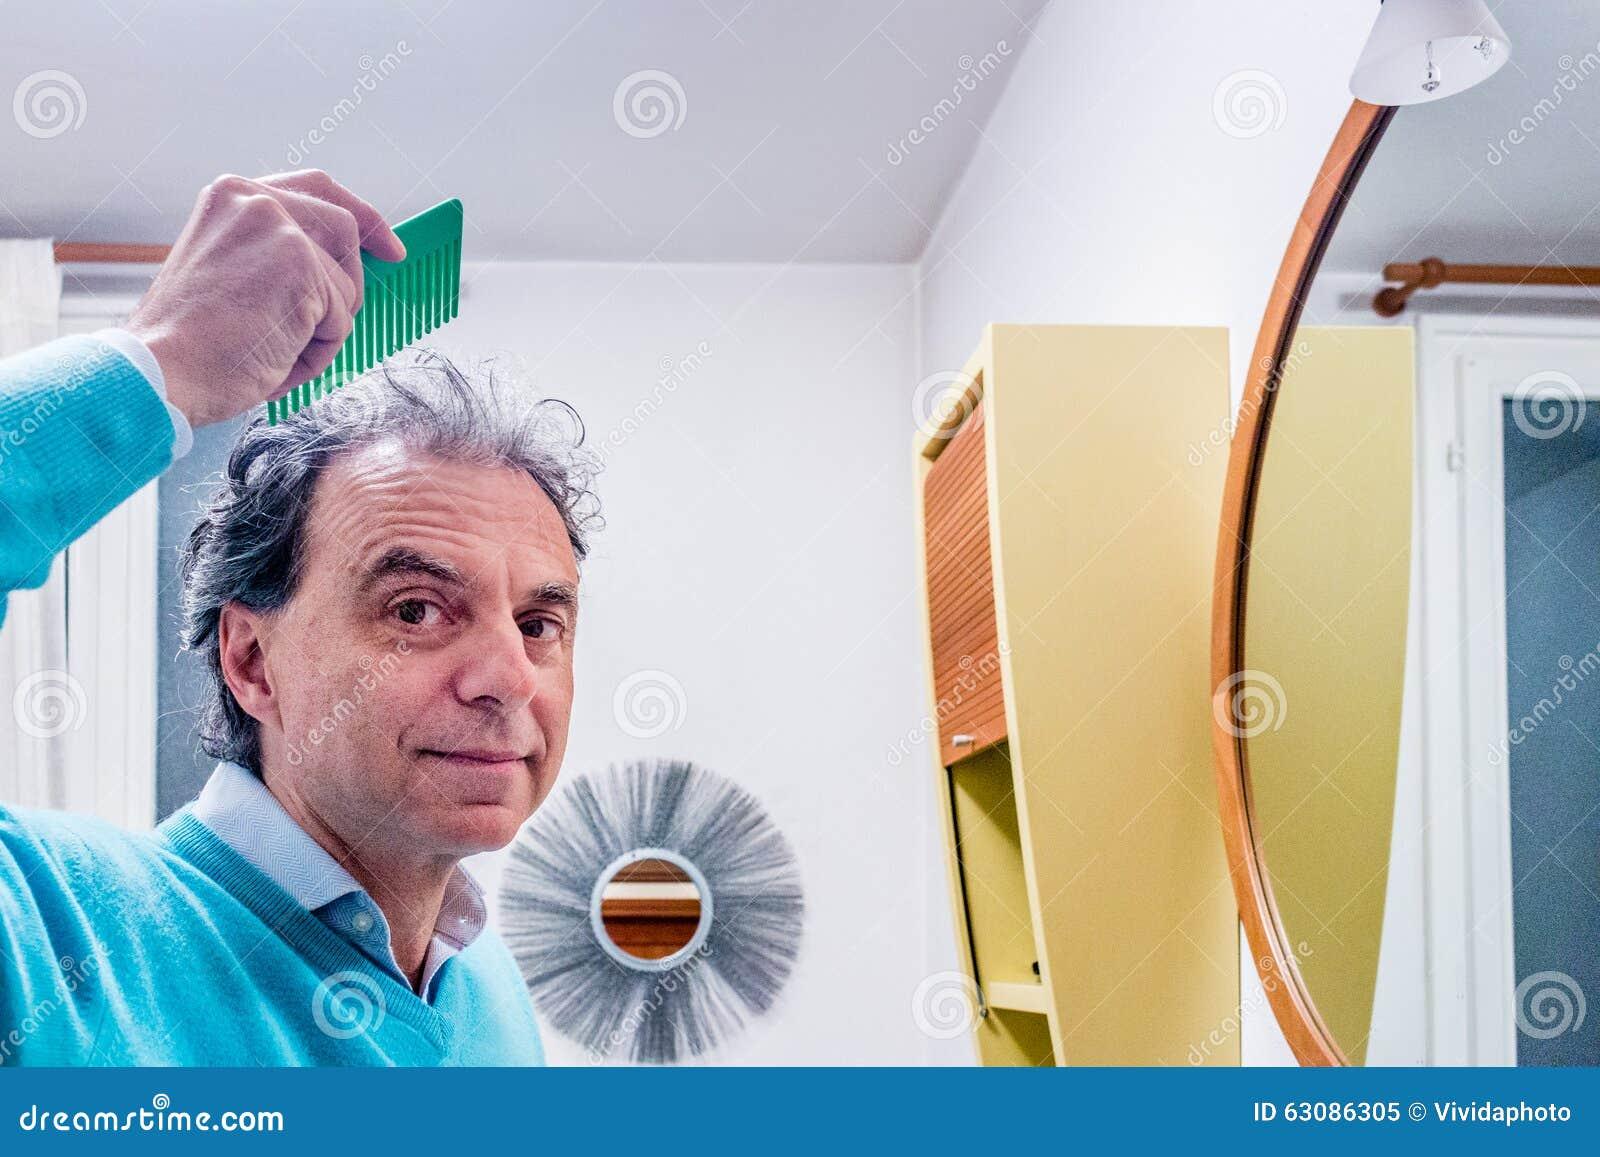 Download Homme Presque Chauve Se Peignant Les Cheveux Image stock - Image du peigne, cinquante: 63086305